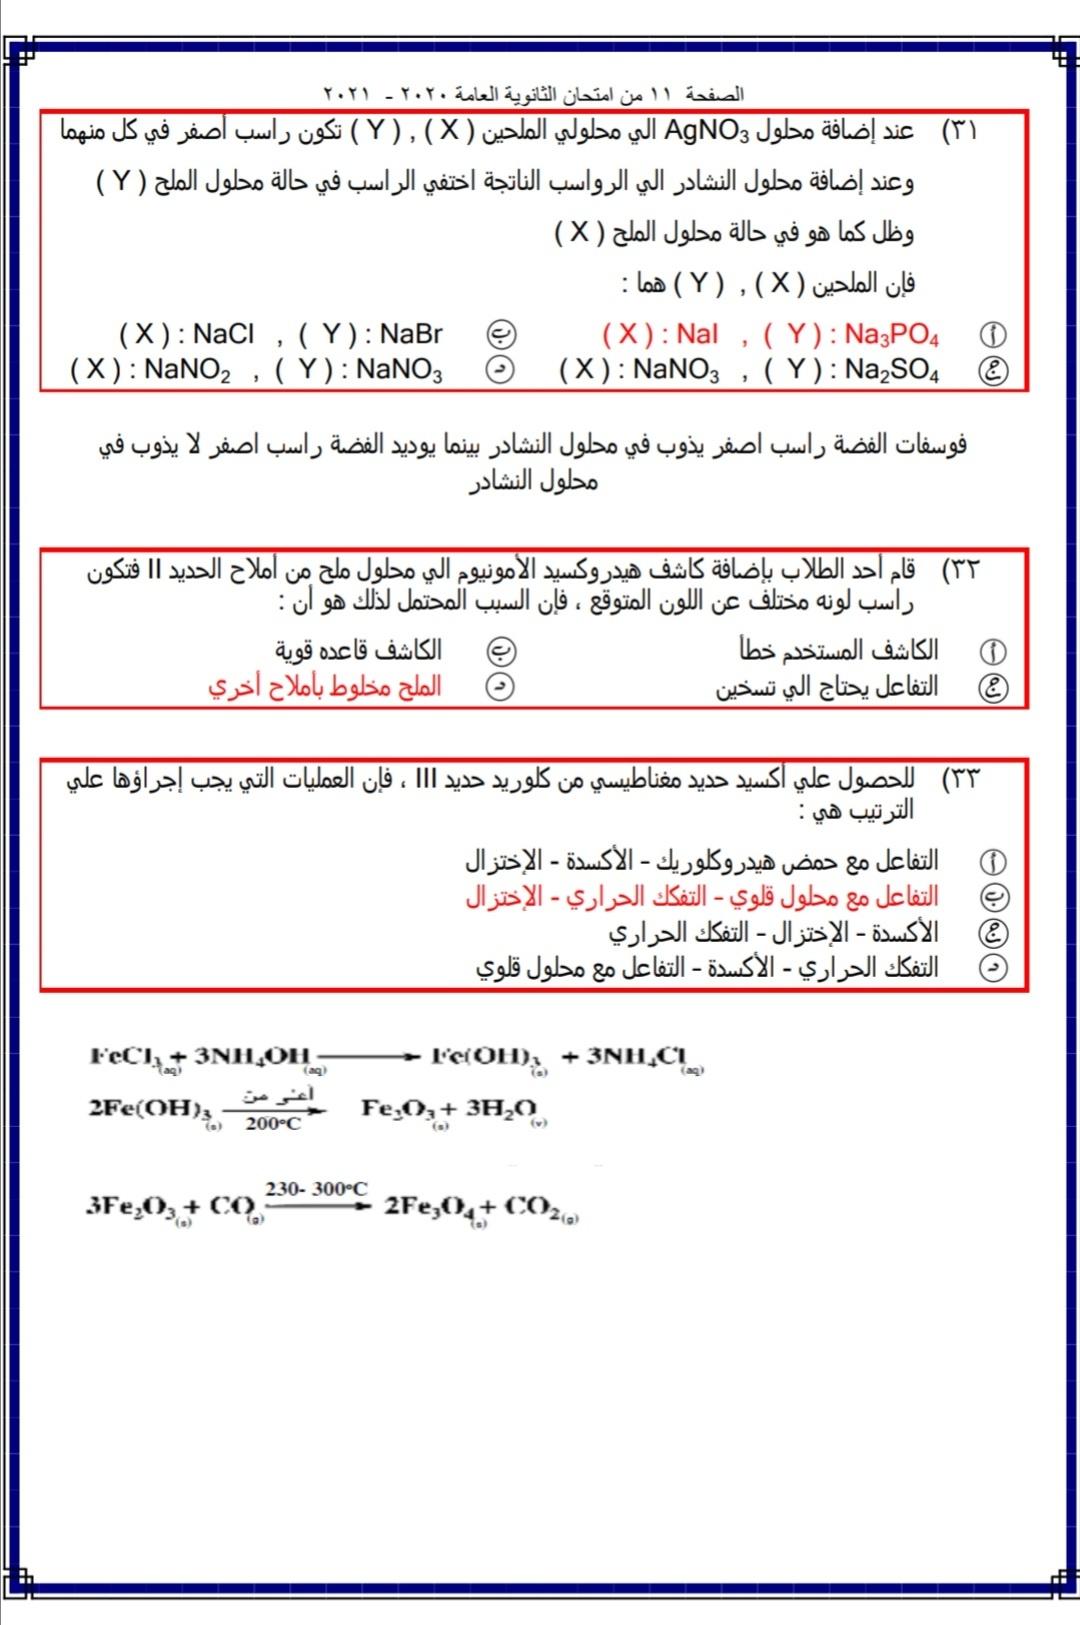 نموذج اجابة امتحان الكيمياء للثانوية العامة 2021 11